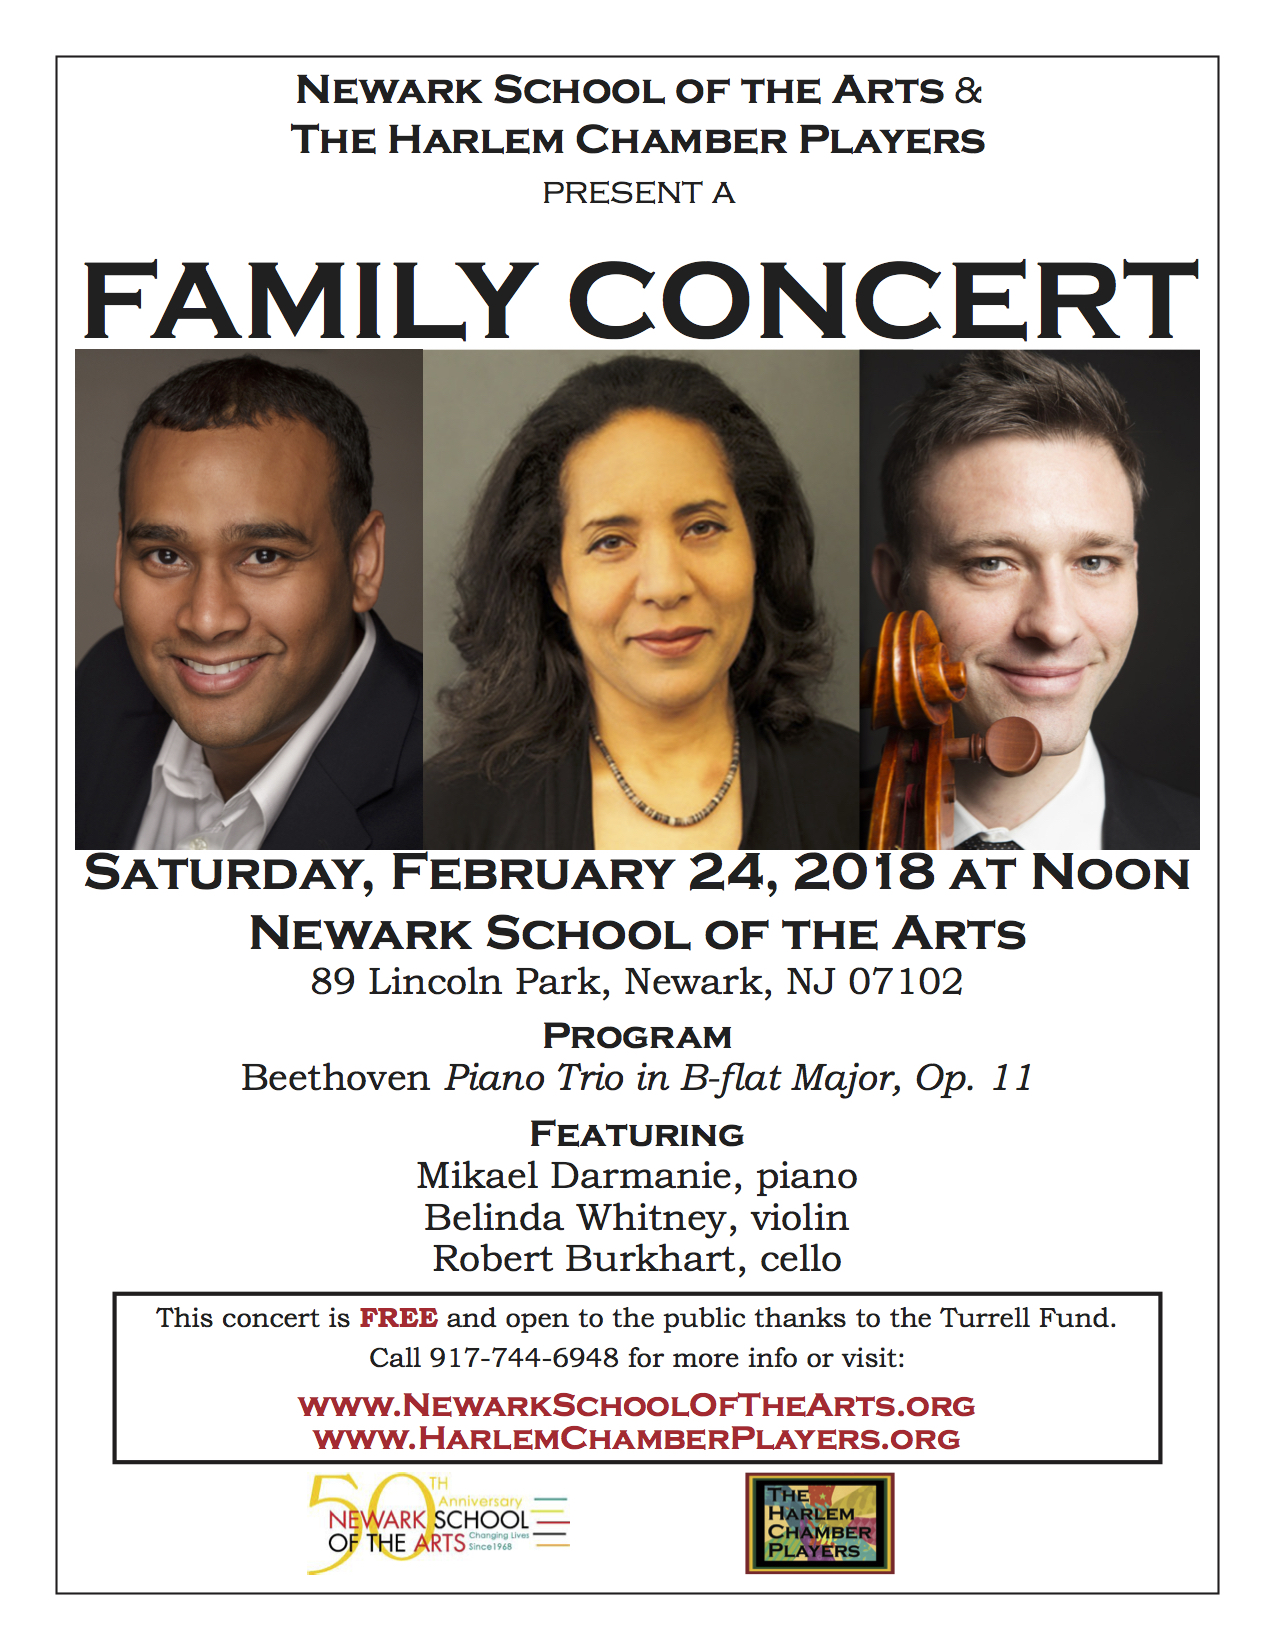 NSA_Family_Concert_2_24_2018_flyer.v2.jpg